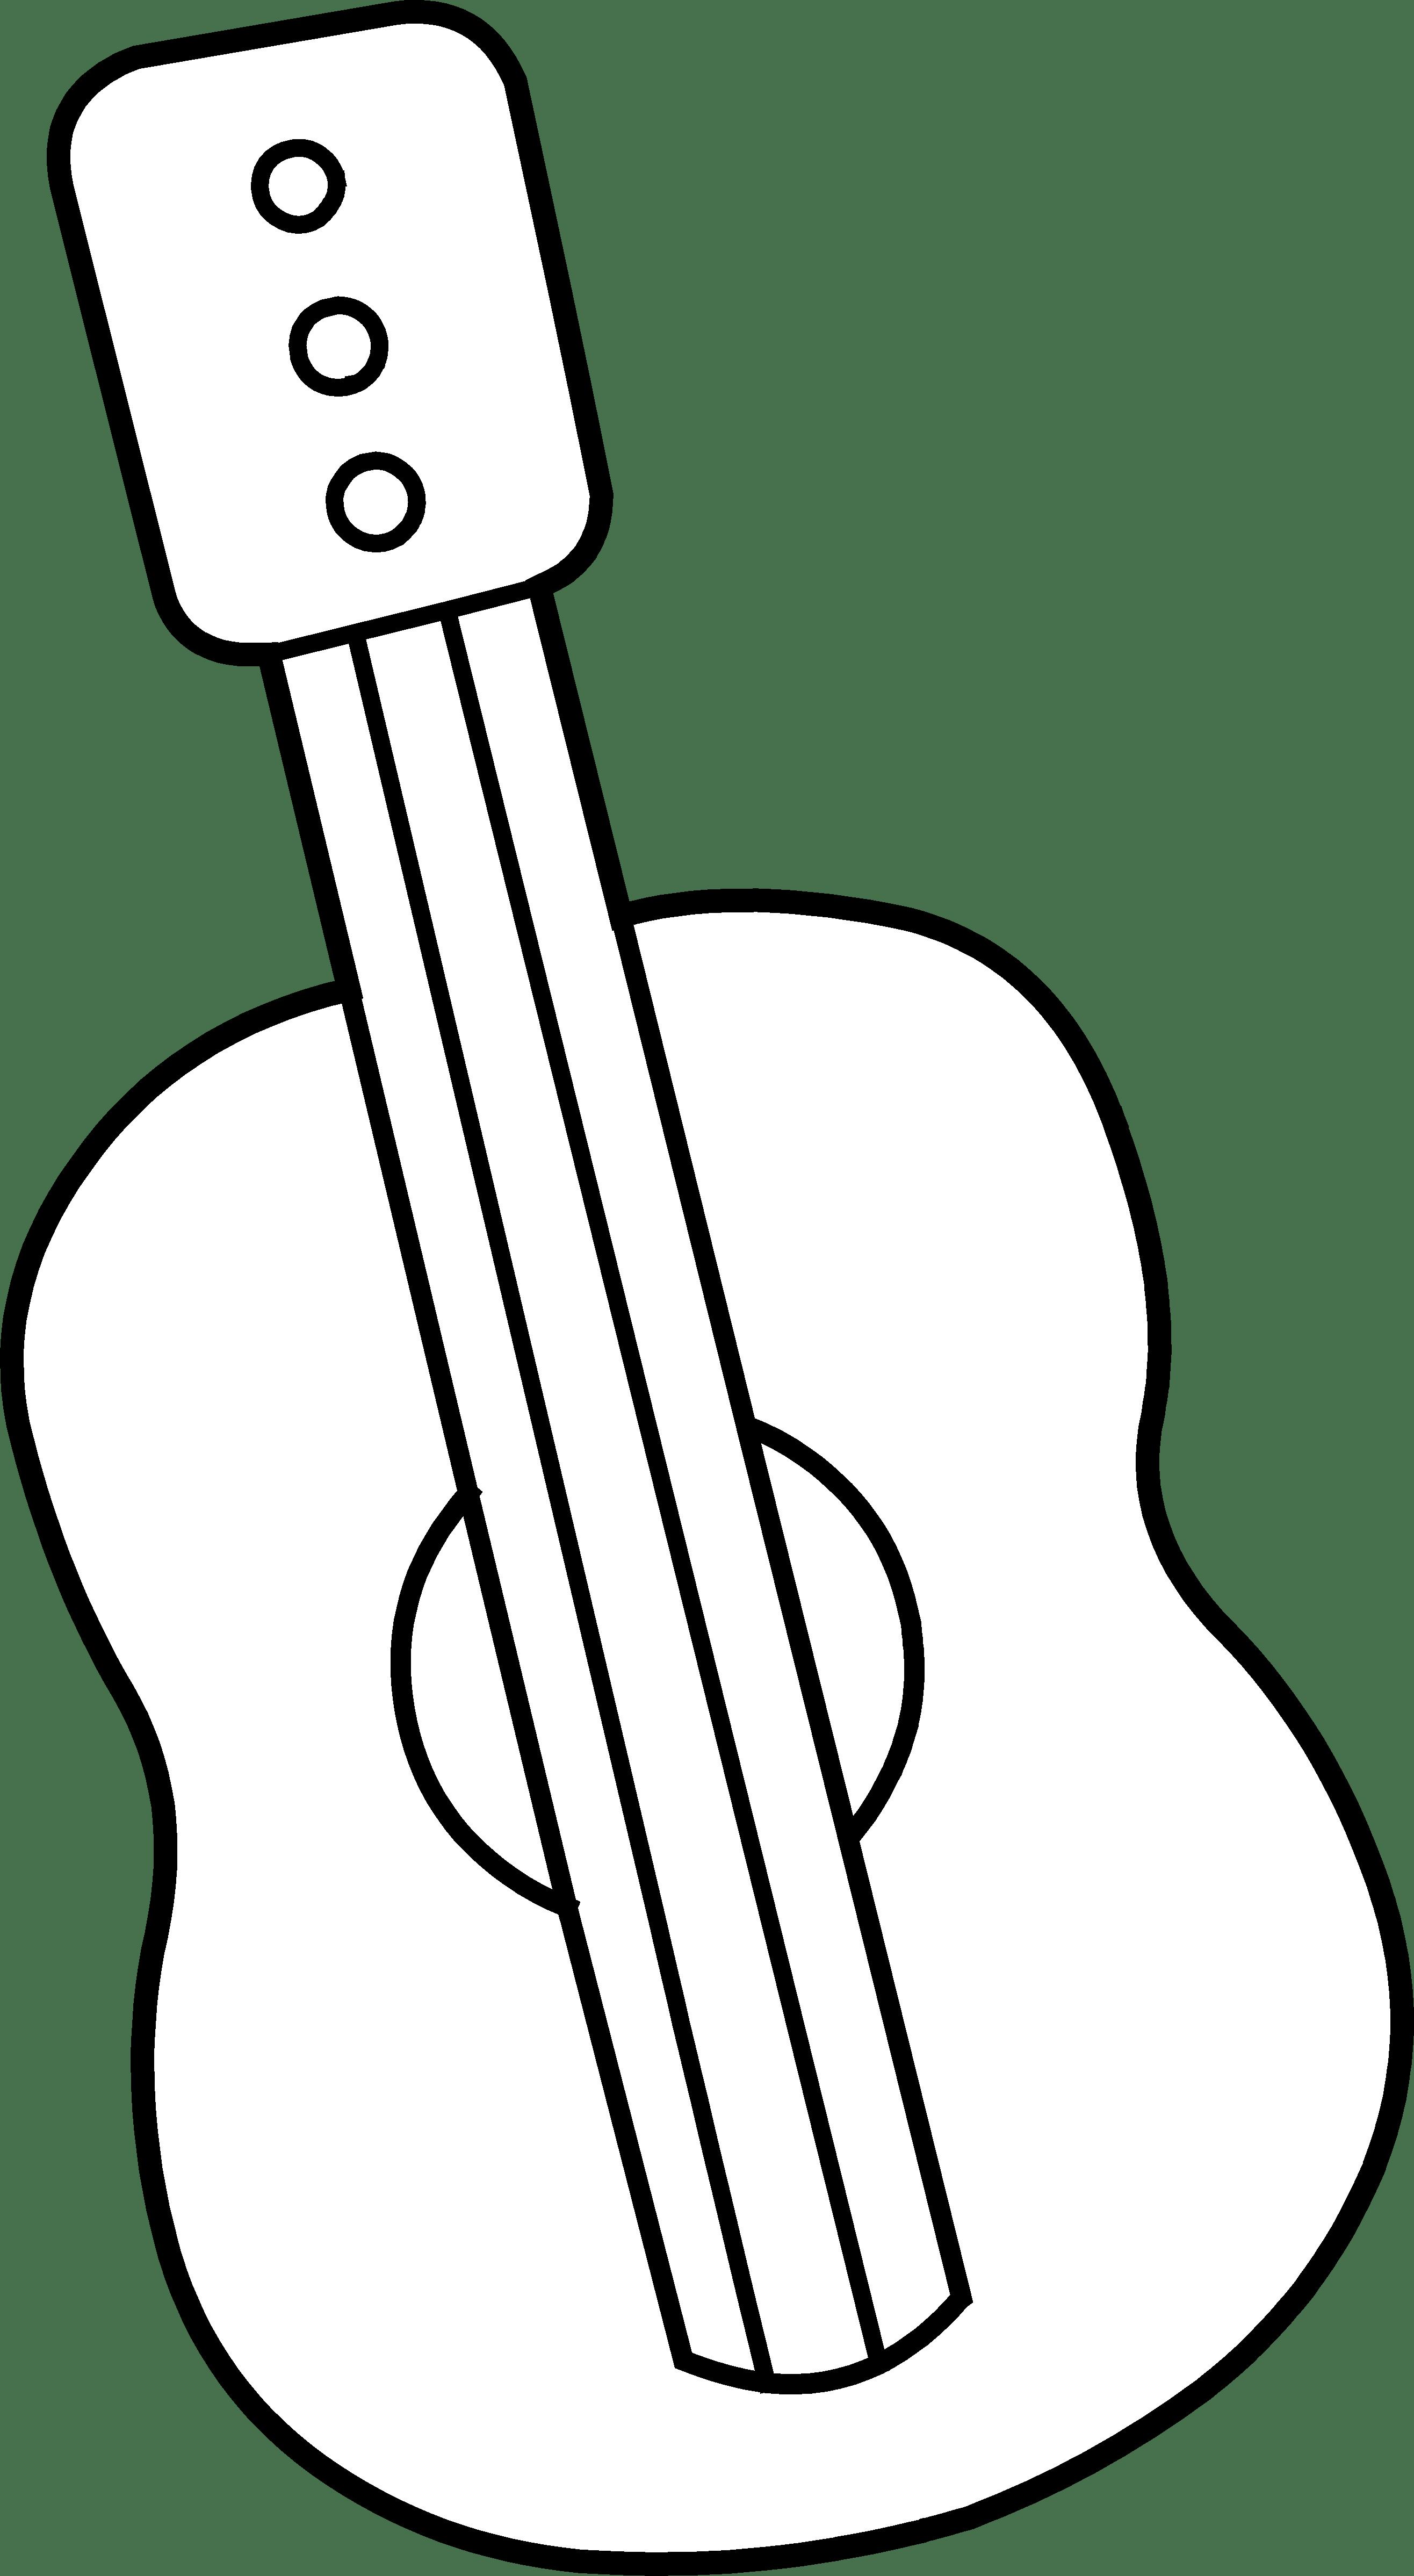 Guitar Outline Printable